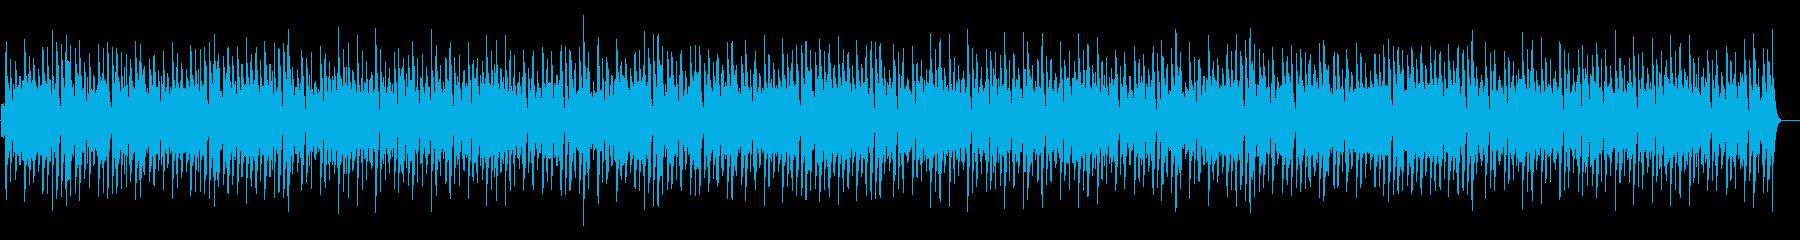 ほのぼの脱力系「ジ・エンターテイナー」の再生済みの波形